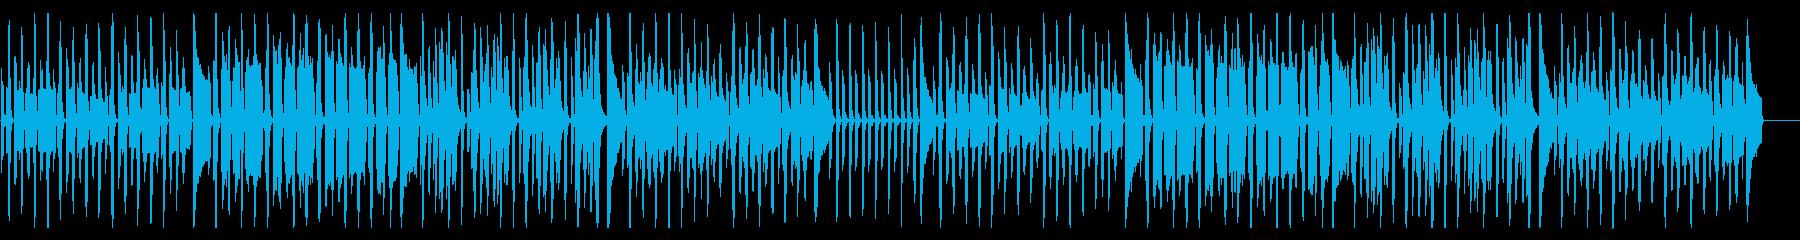 ほのぼの可愛い、コミカルな日常系BGMの再生済みの波形